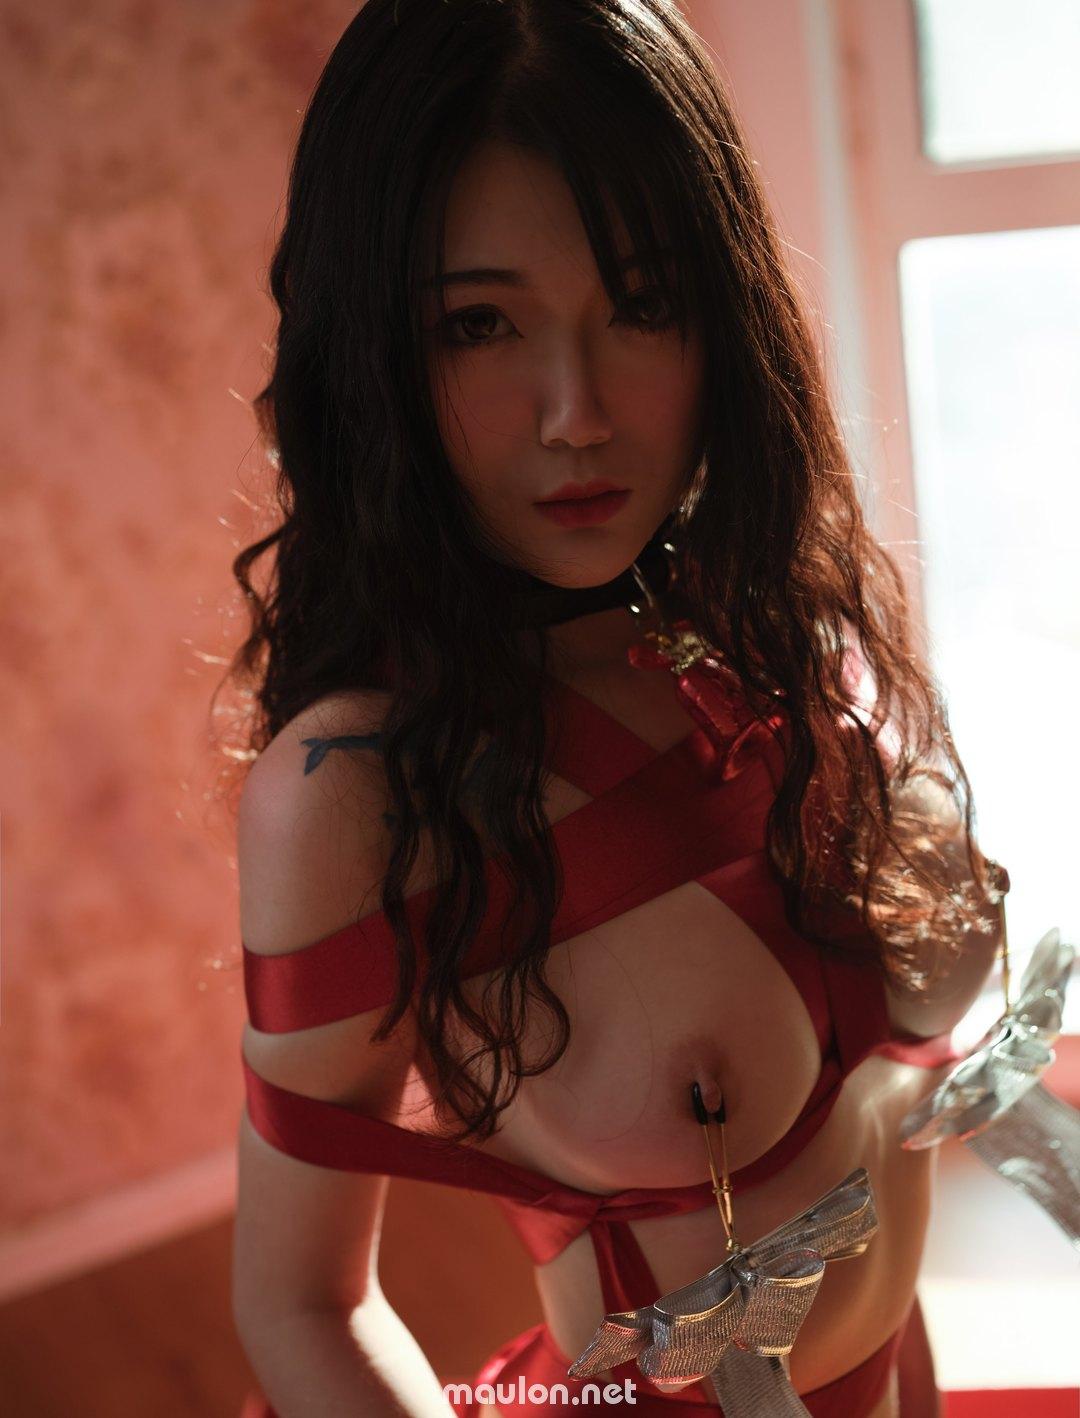 MauLon.Net - Ảnh sex cosplay dây nơ đỏ - Cô em má đỏ môi hồng